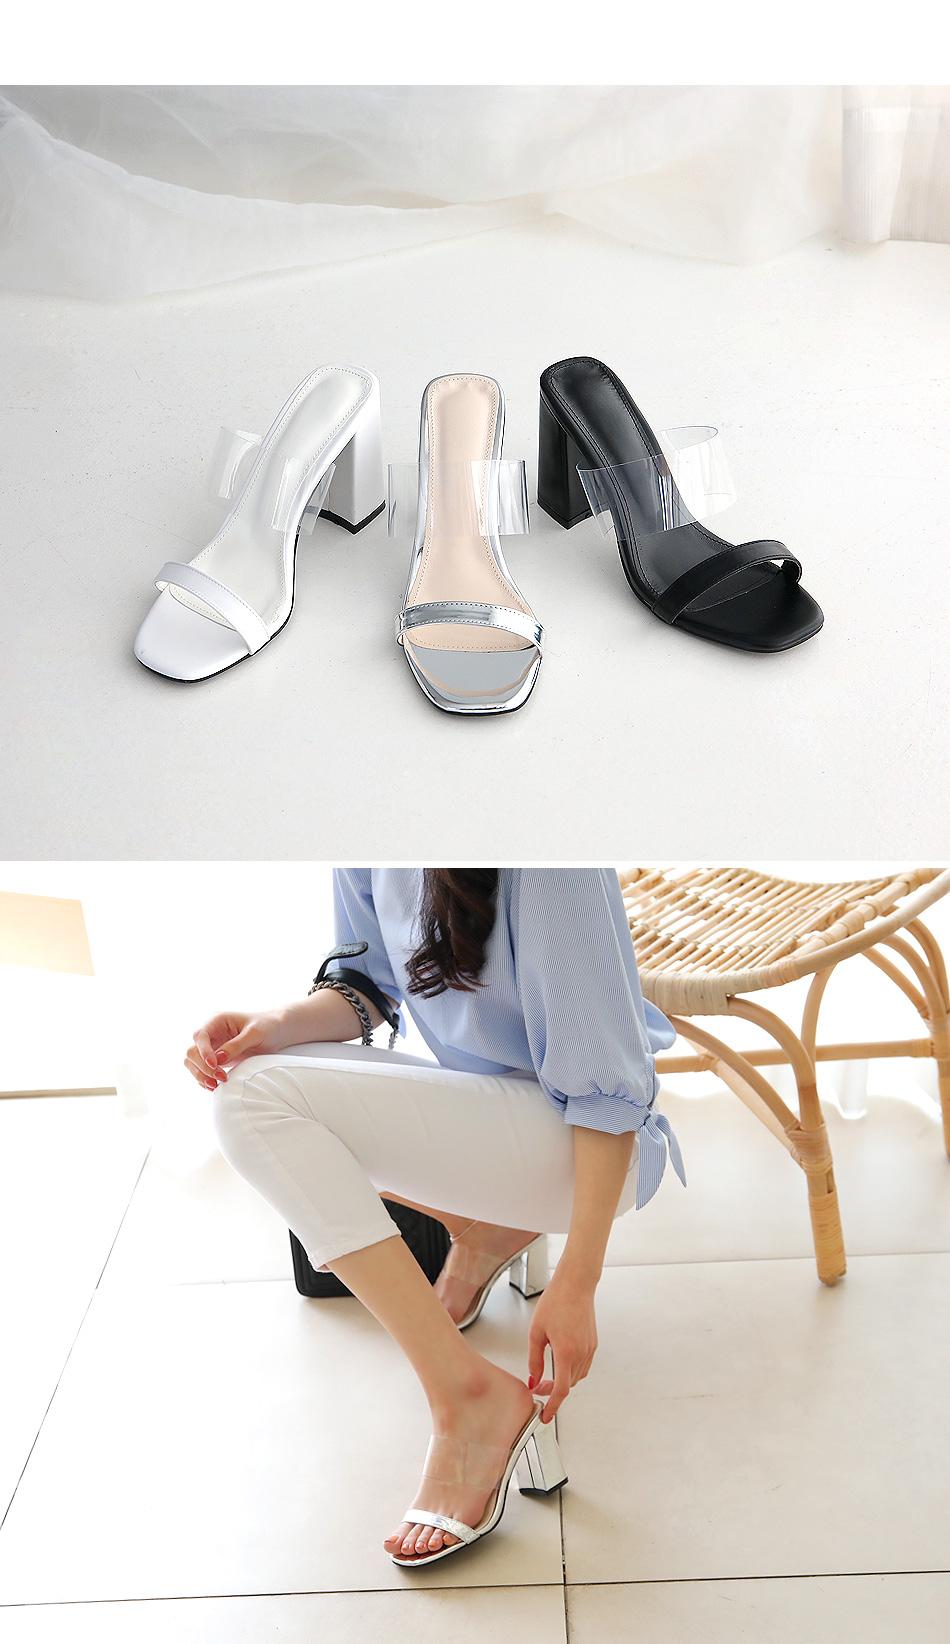 Chiblon Mule Slippers 8cm